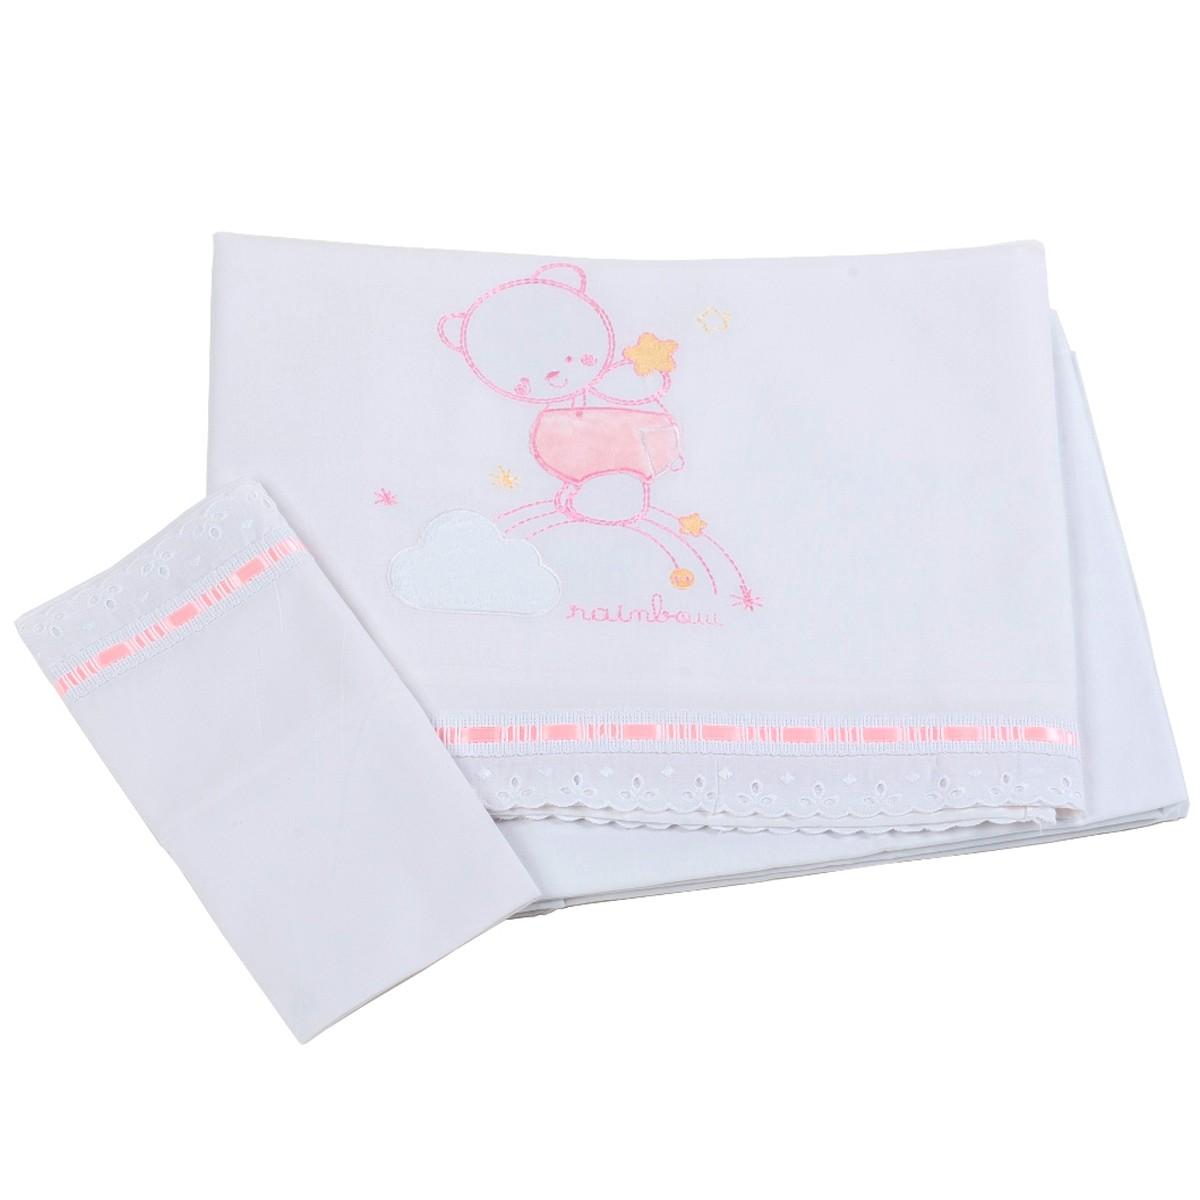 Σεντόνια Κούνιας (Σετ) Κόσμος Του Μωρού Rainbow 0260 Ροζ